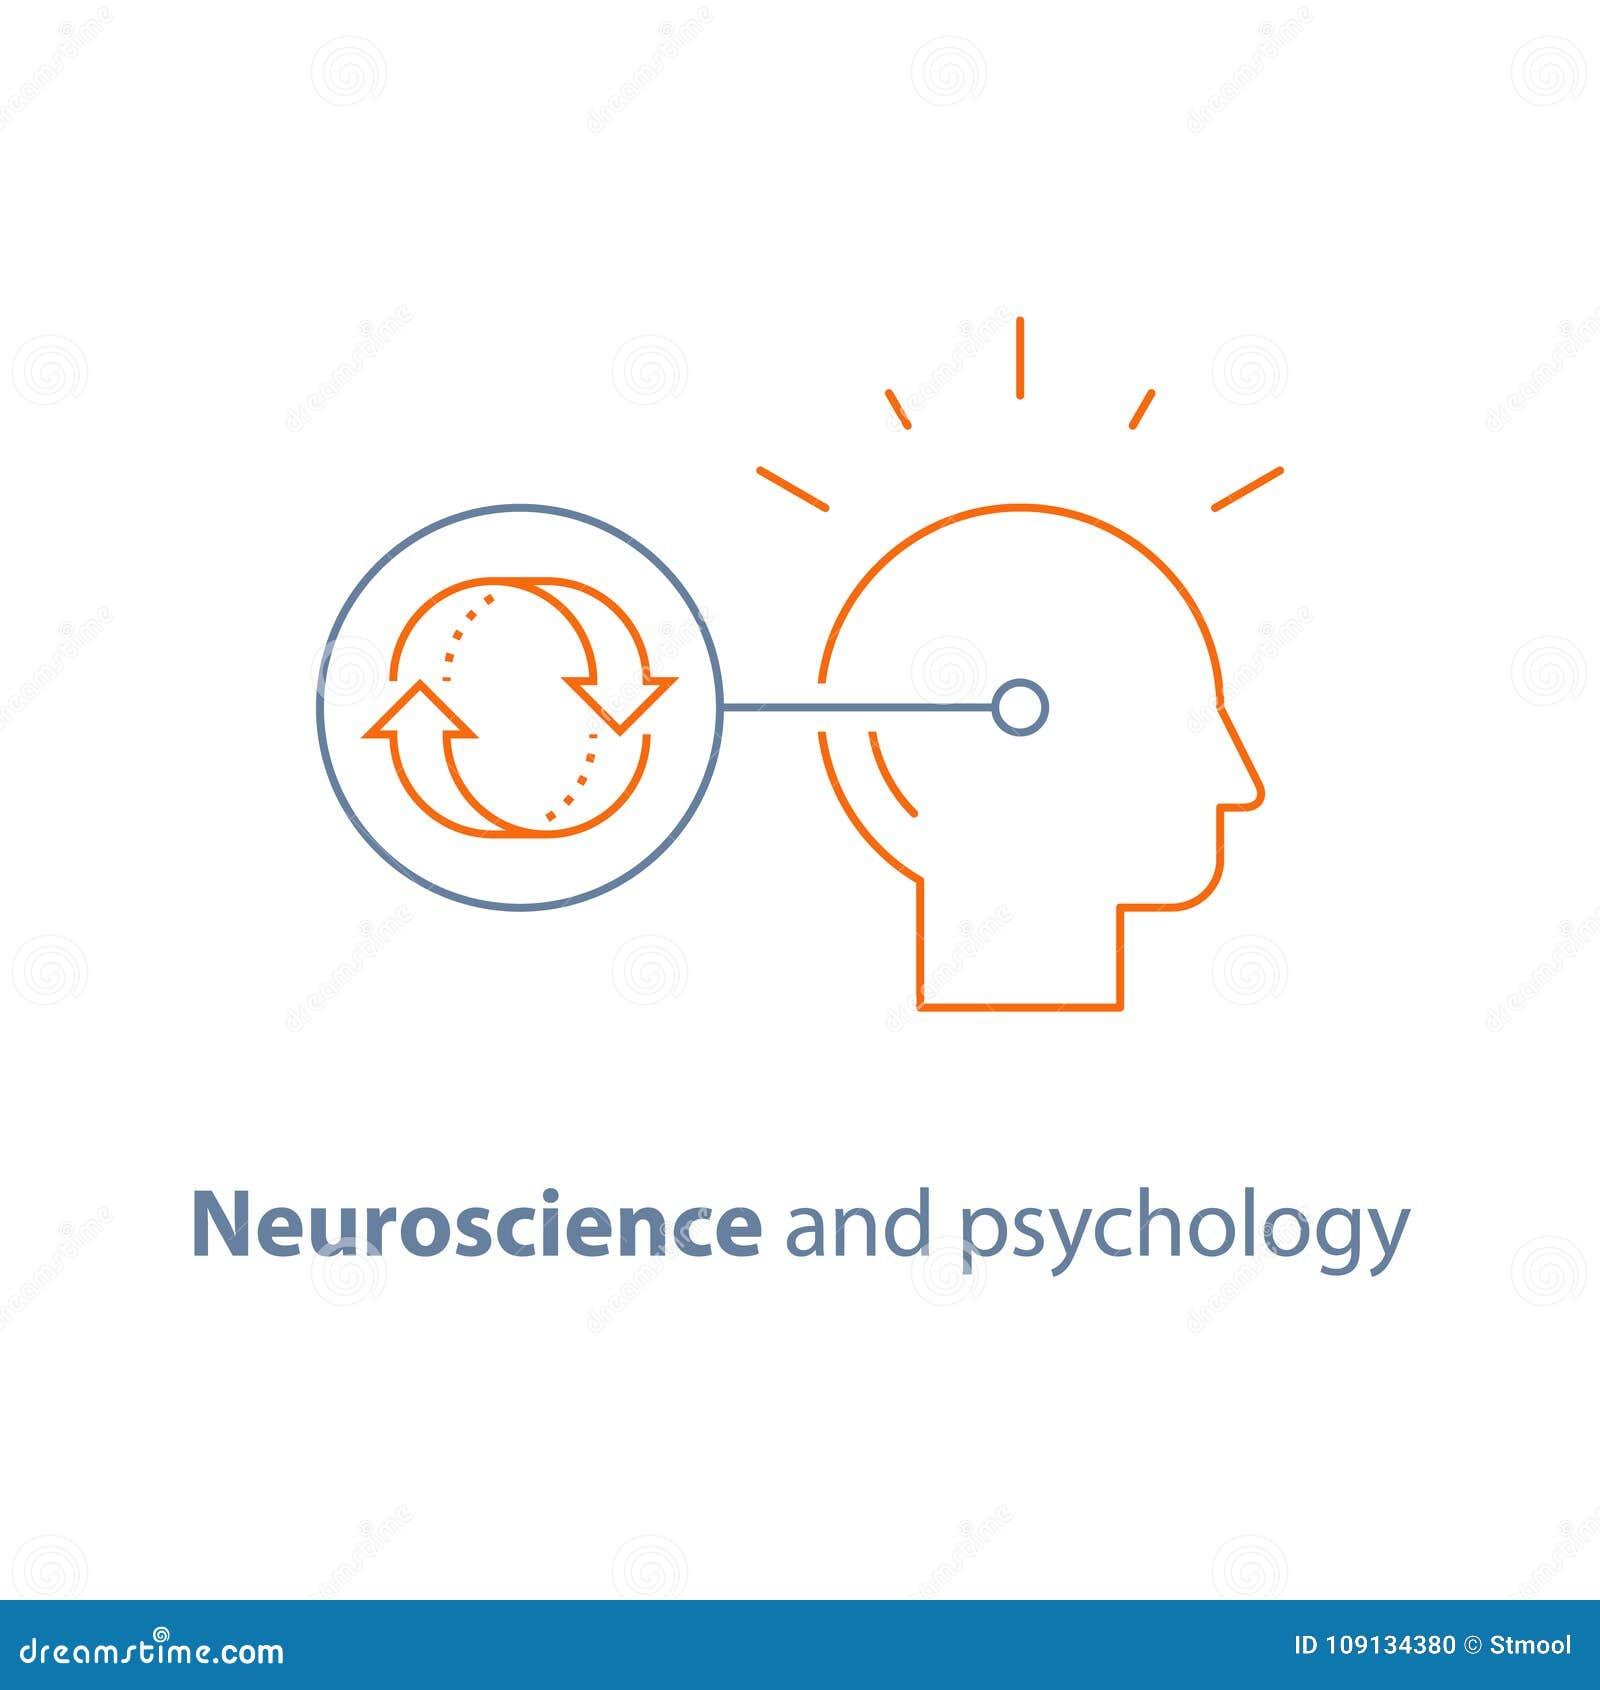 Beslutsfattande, tvångsmässigt tänka, neuroscience och psykologi, bias begrepp, emotionell intelligens, mindset